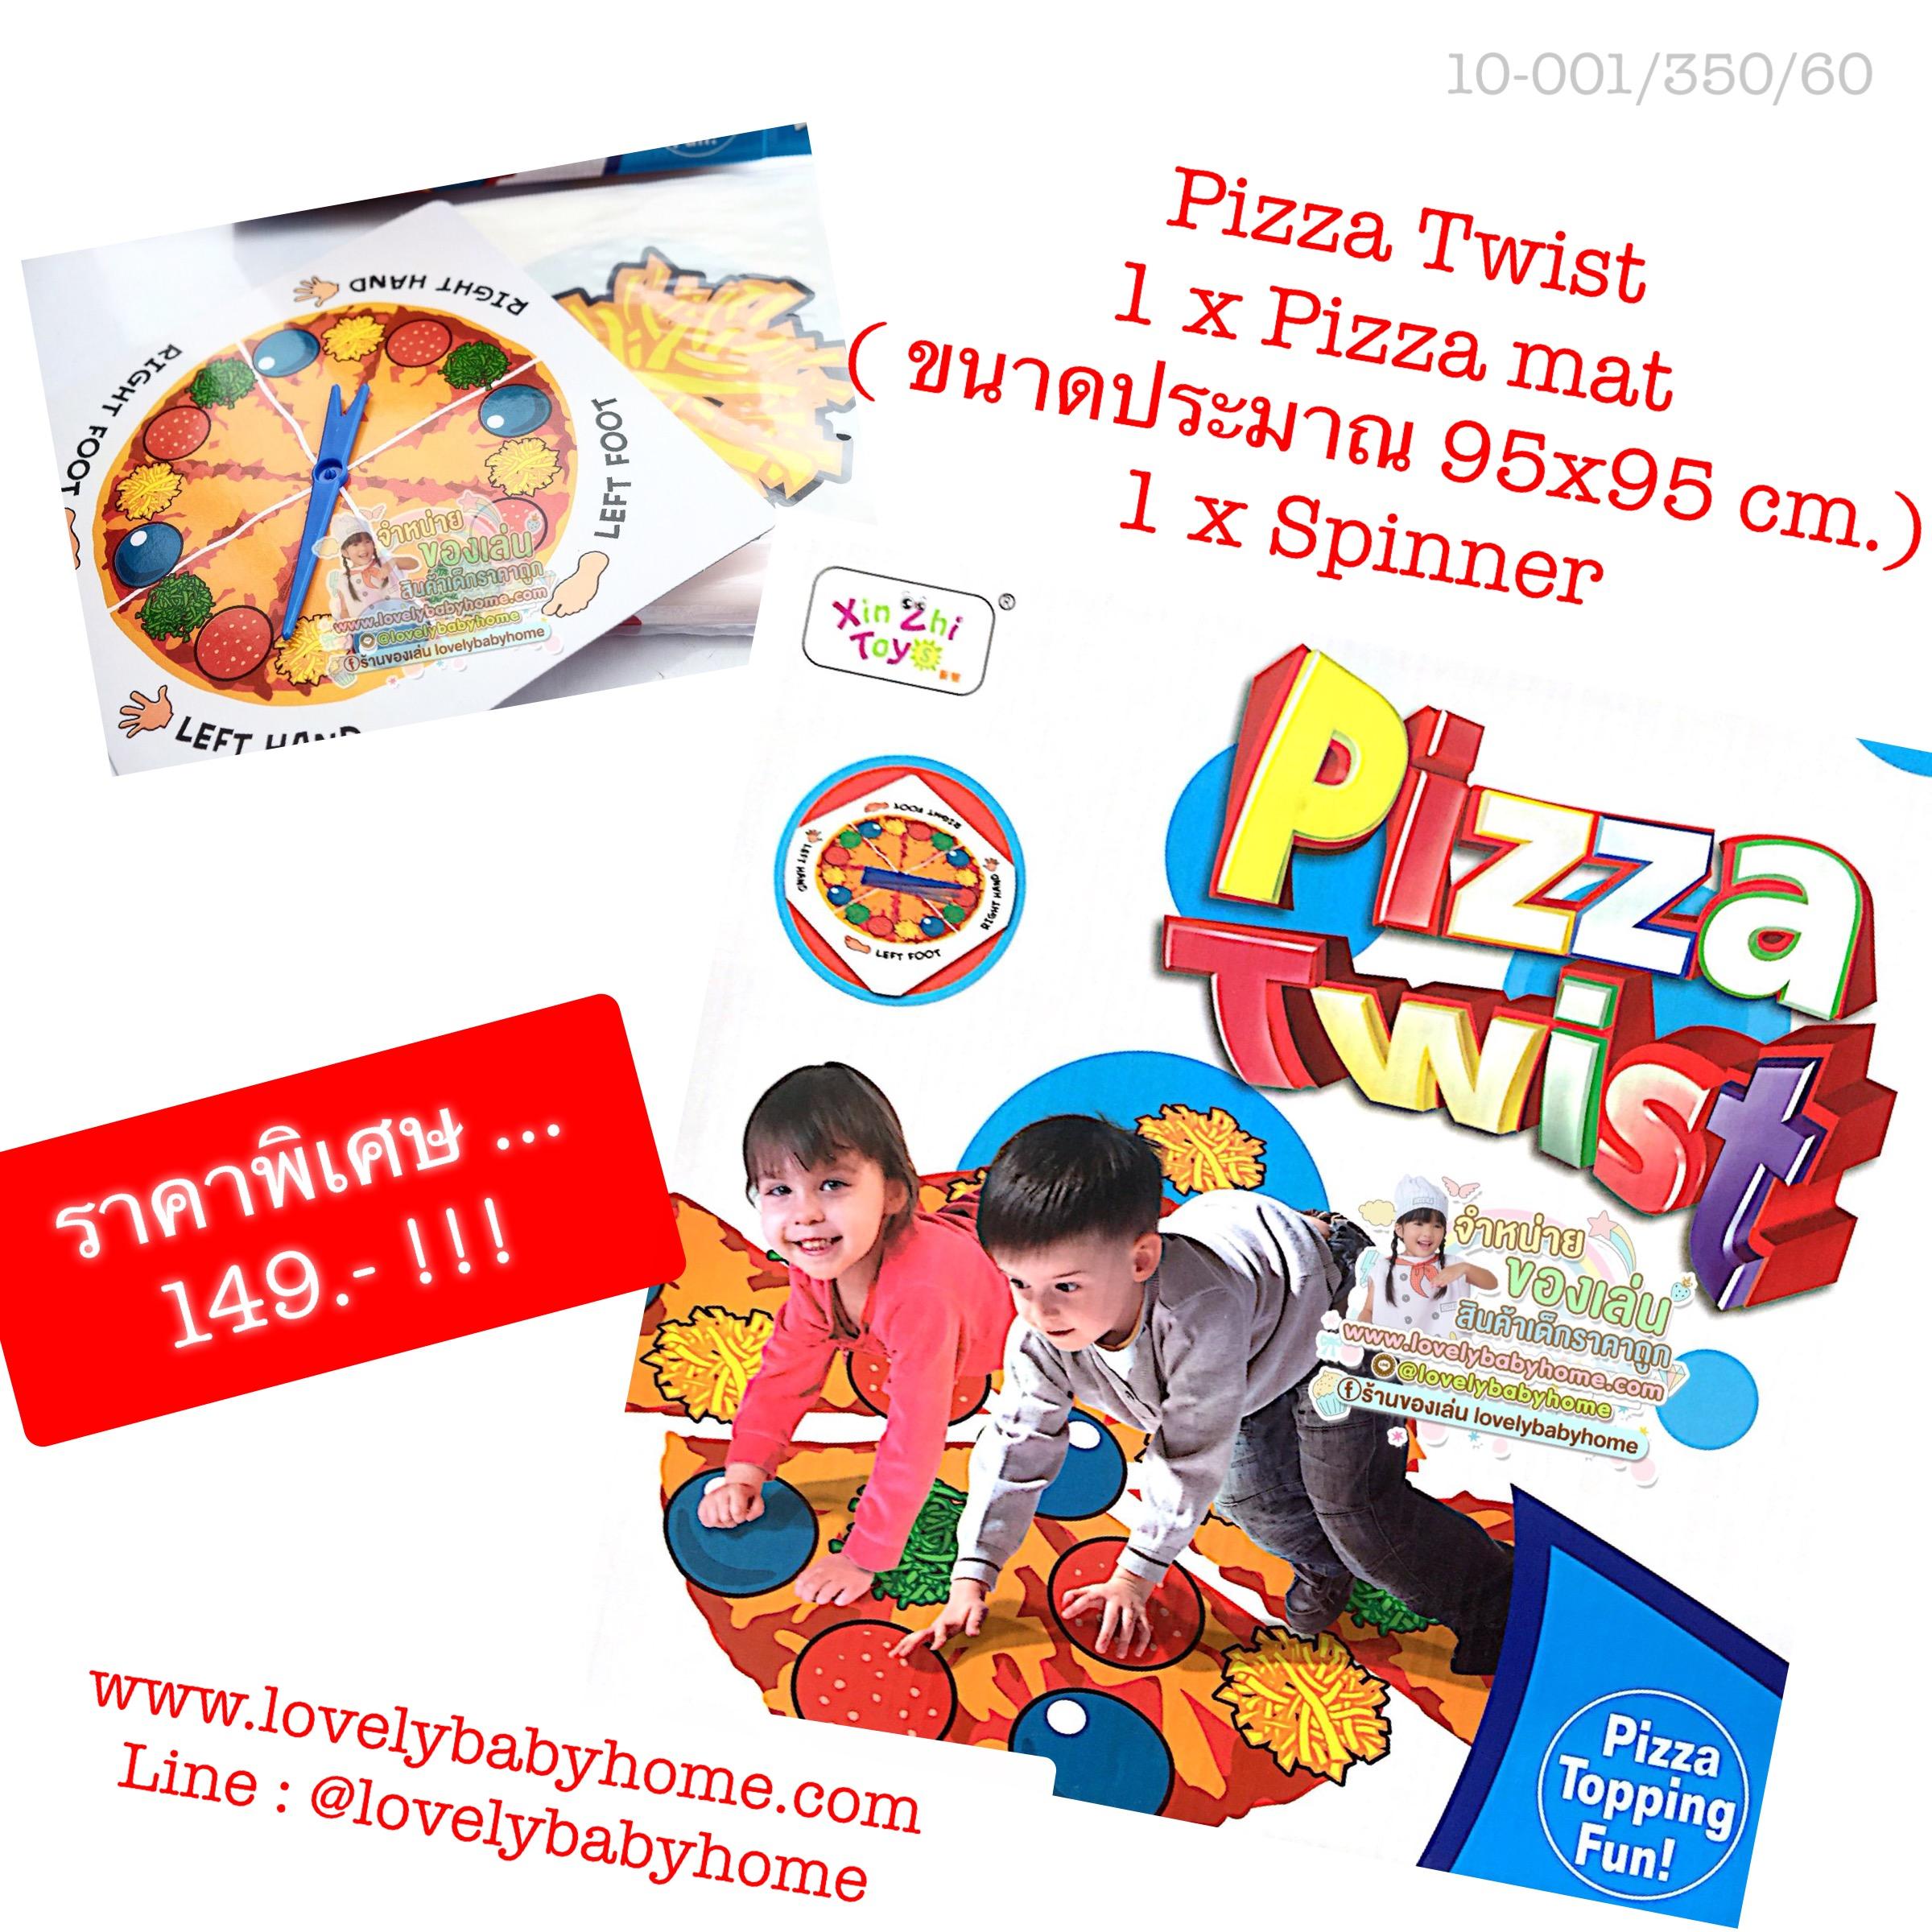 PIZZA TWIST